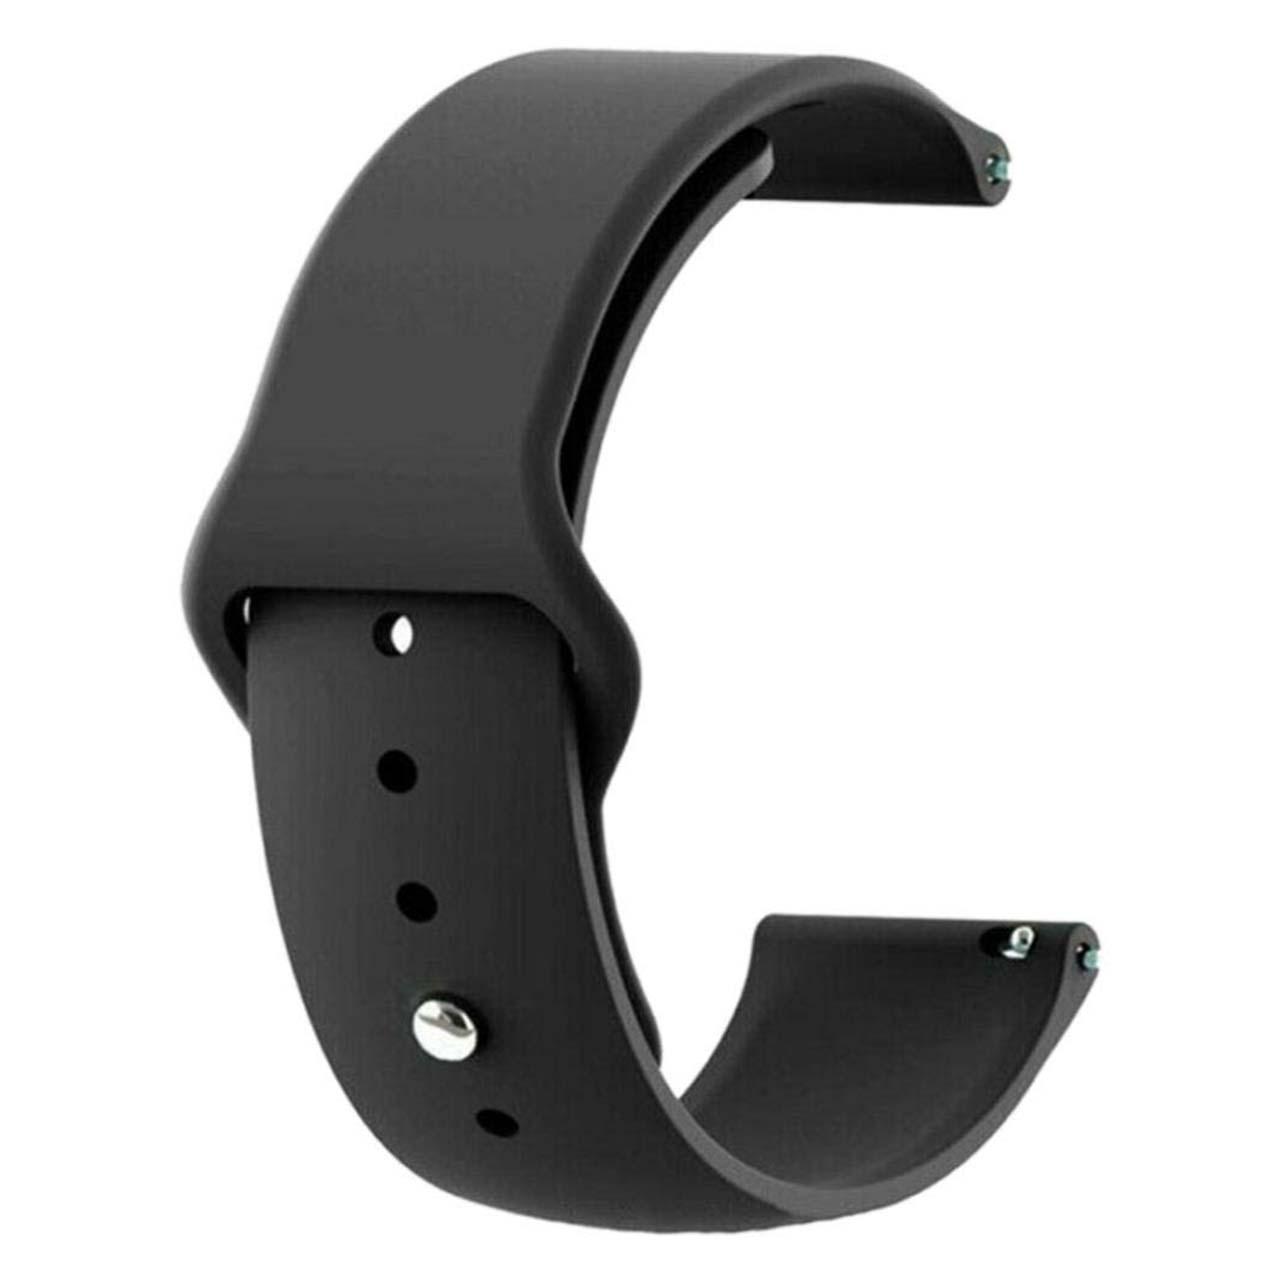 بند مدل SHW-0020 مناسب برای ساعت هوشمند شیائومی Amazfit Bip